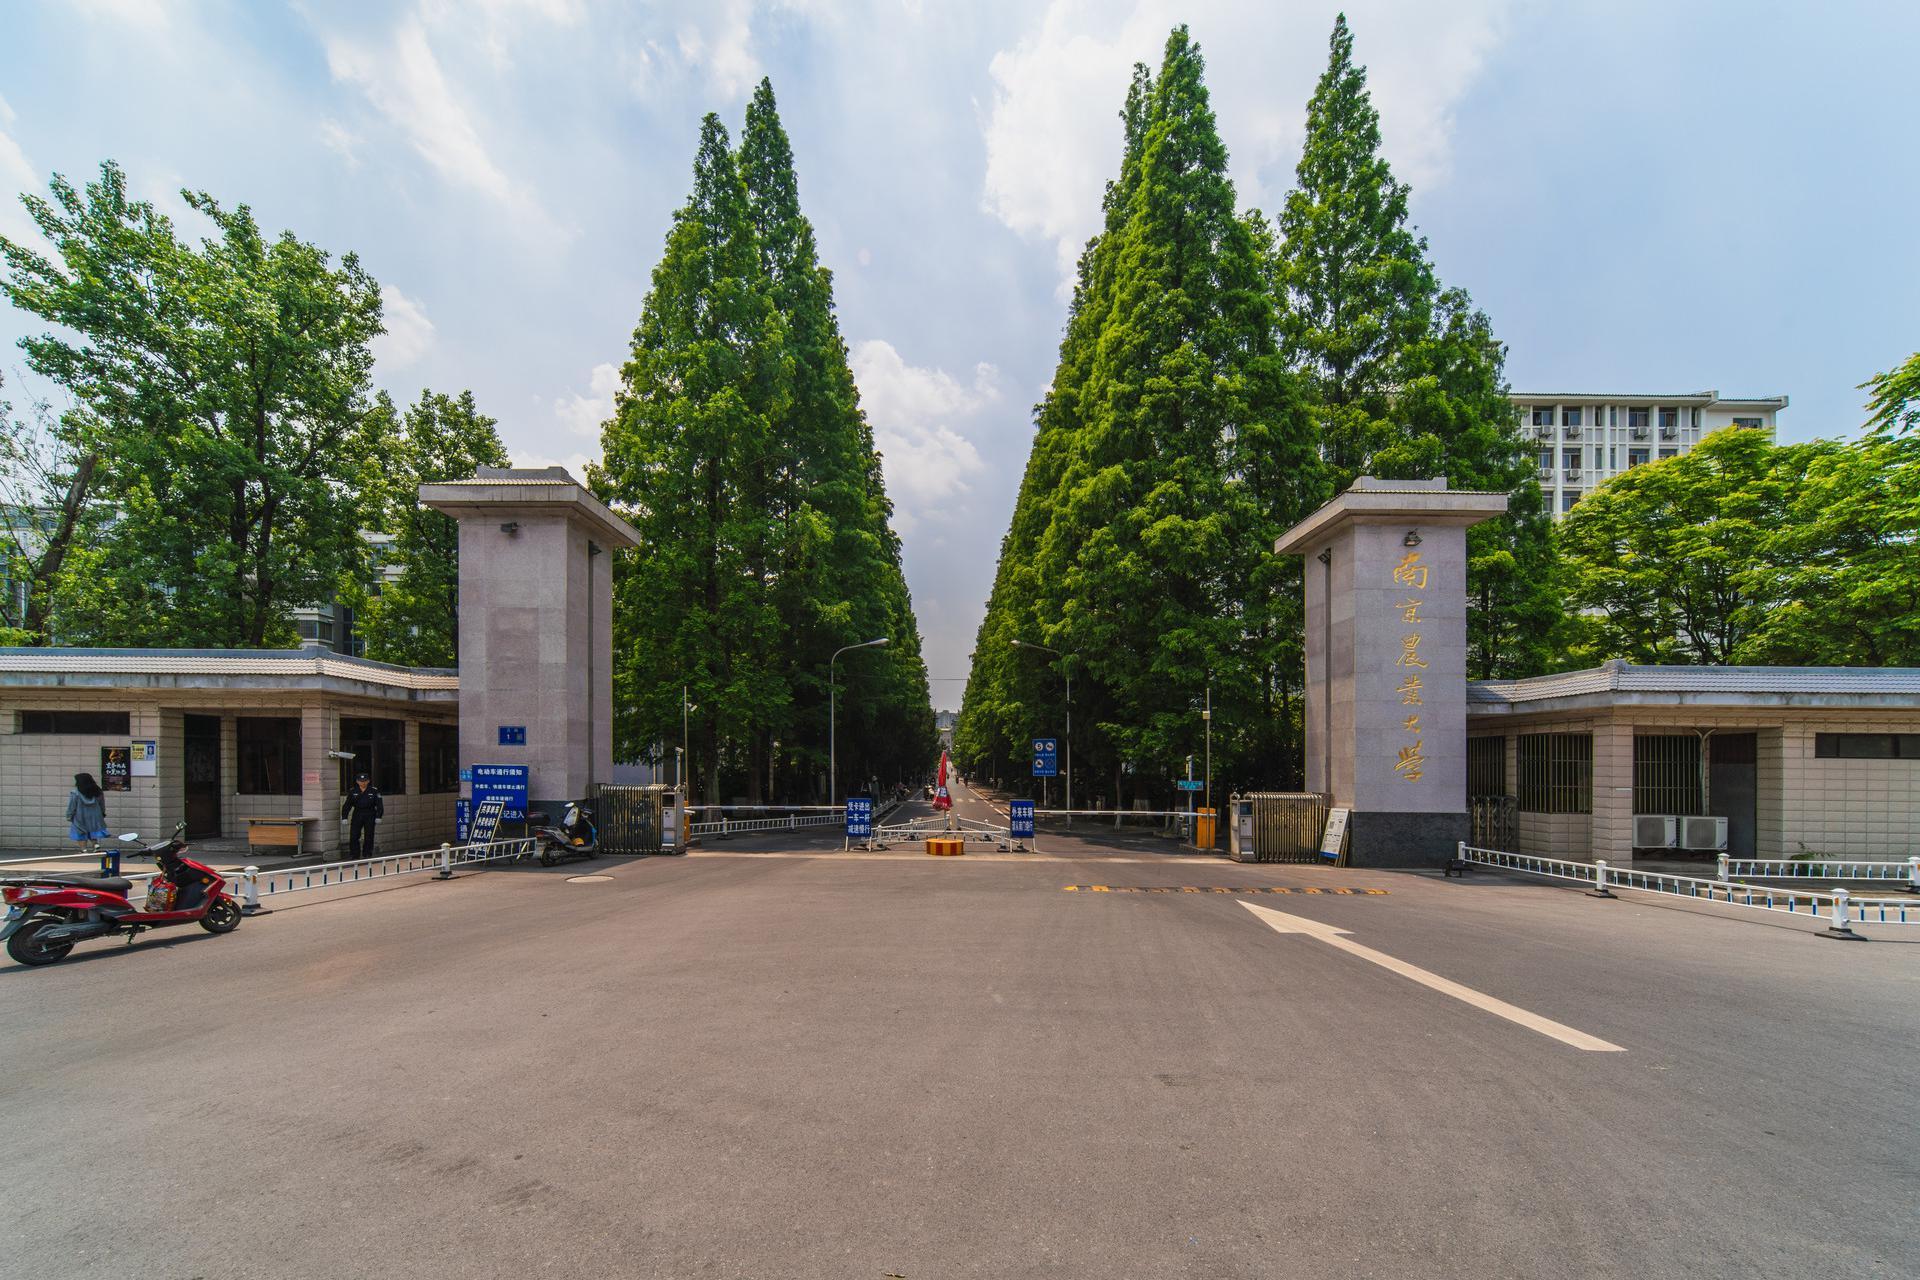 南京这所高校有4个A+专业,超过多所985位列11名,实力大于名气